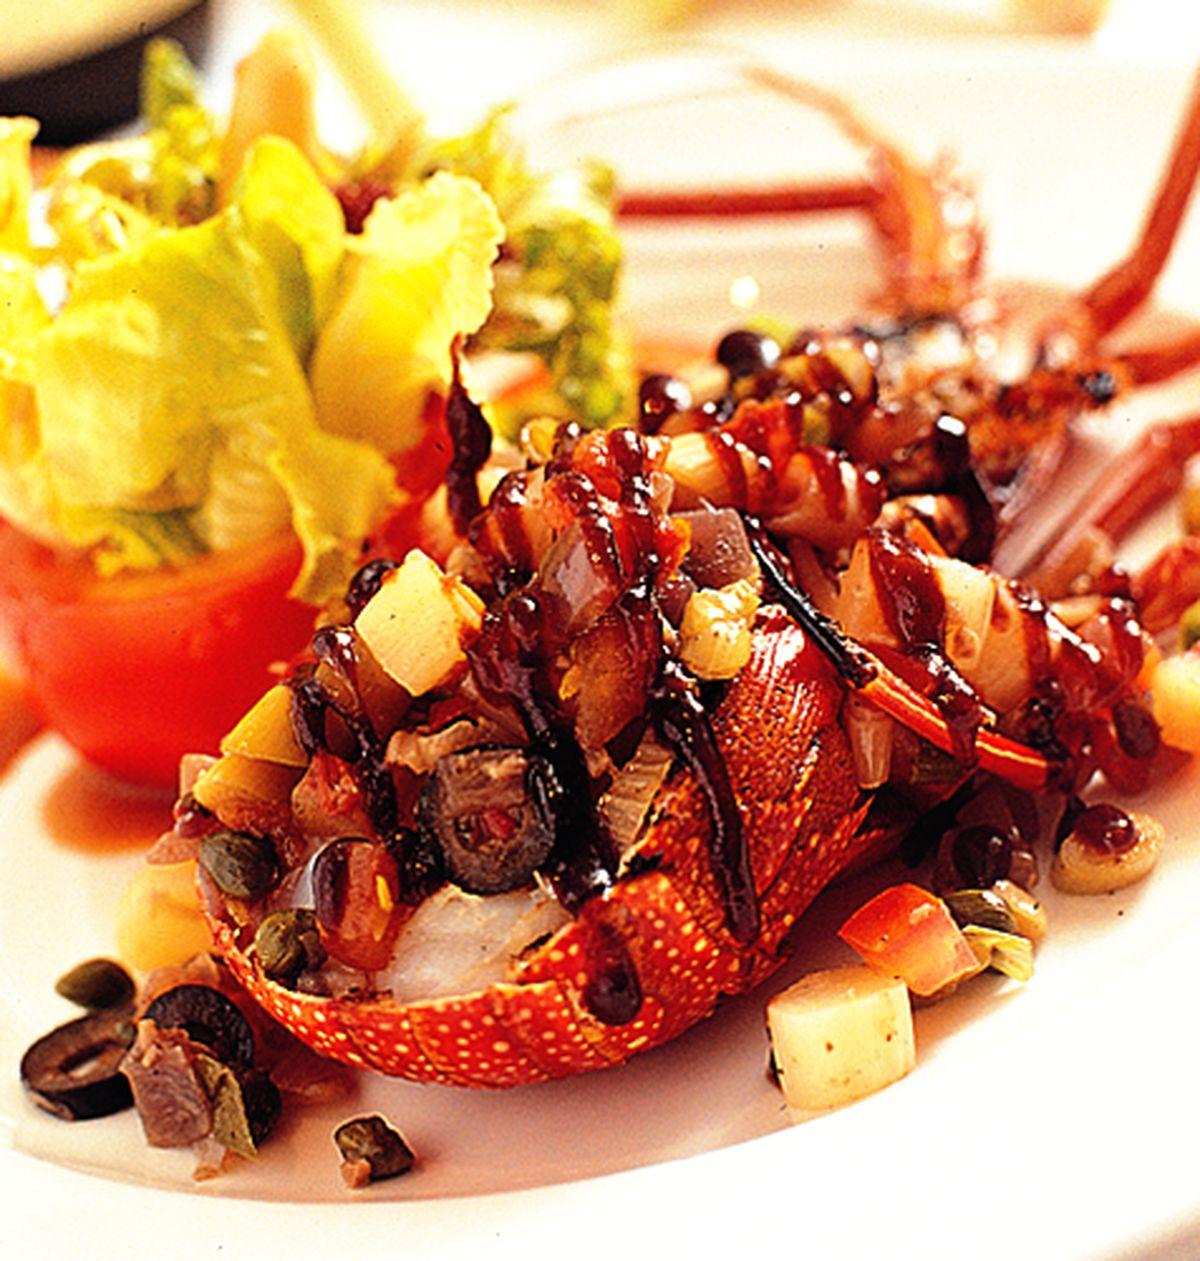 食譜:炭烤龍蝦佐蘆筍老酒醋醬汁